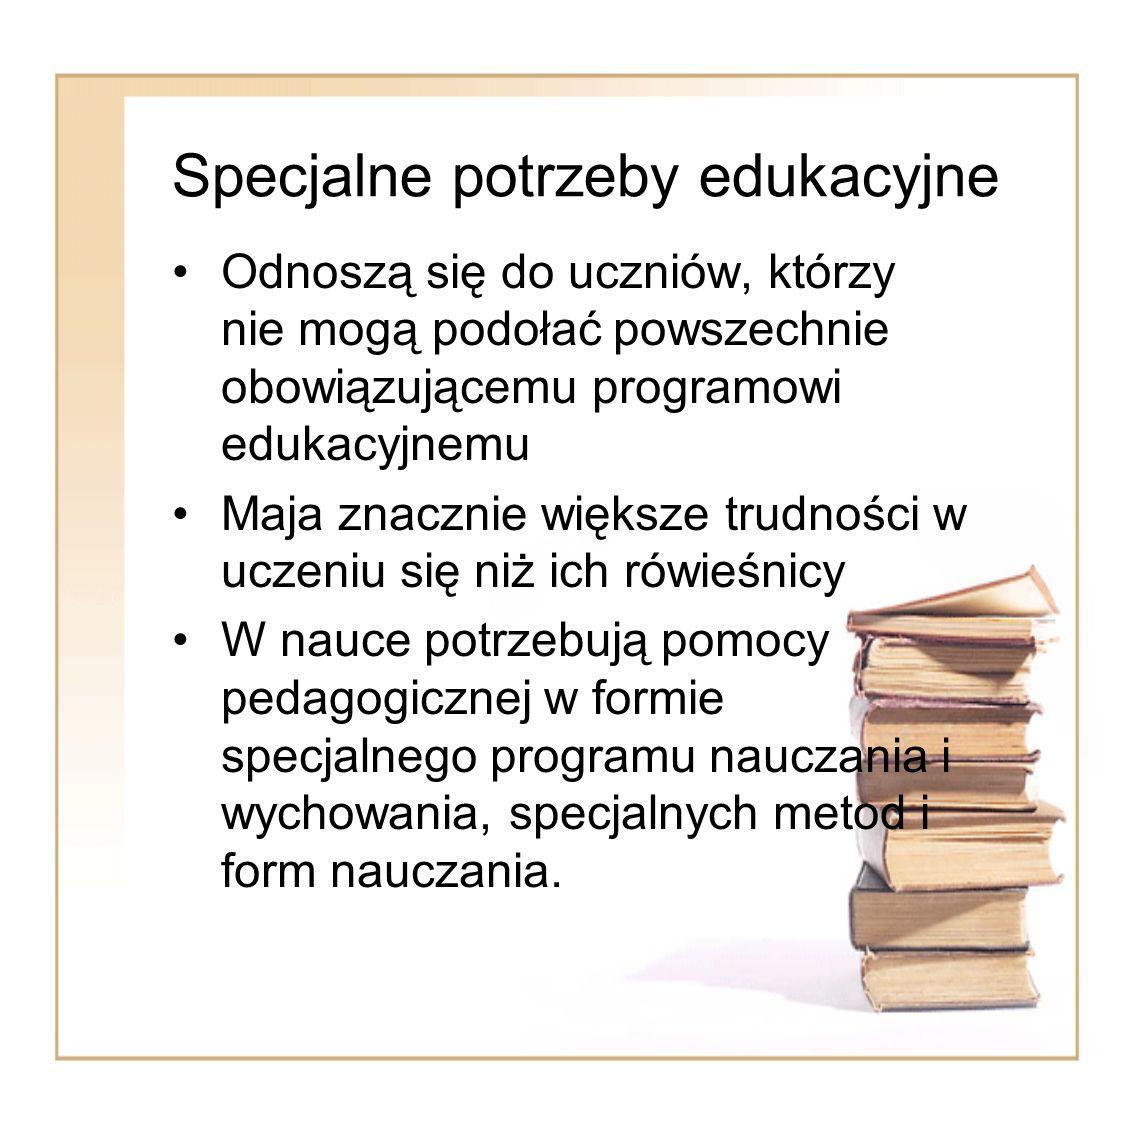 Specjalne potrzeby edukacyjne Odnoszą się do uczniów, którzy nie mogą podołać powszechnie obowiązującemu programowi edukacyjnemu Maja znacznie większe